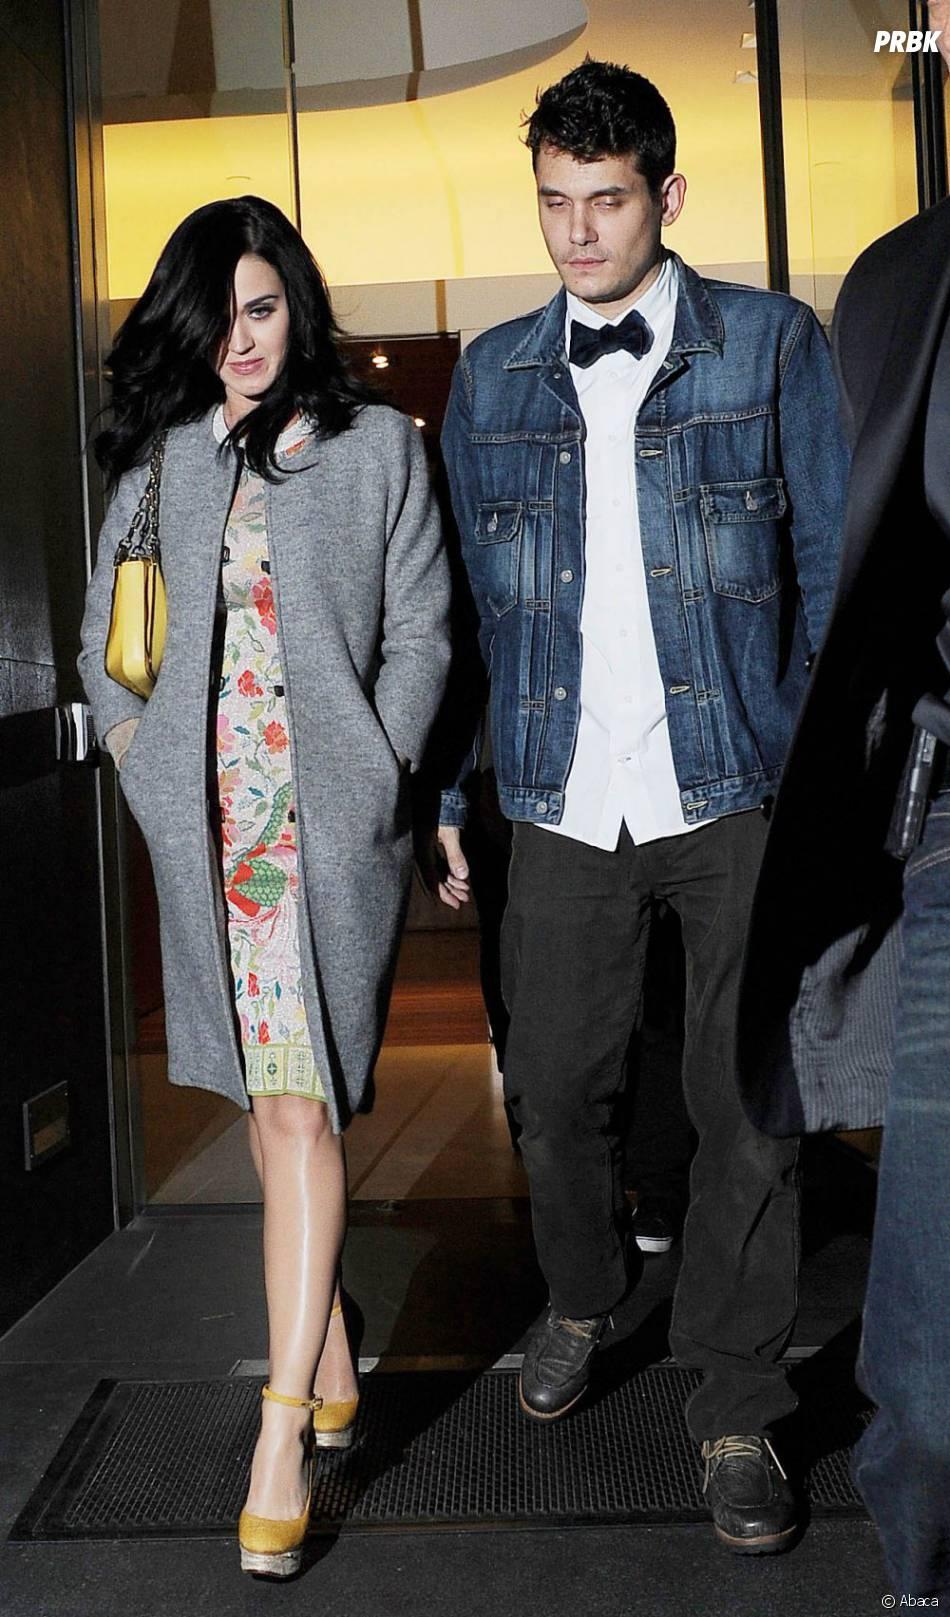 John Mayer est jaloux de la relation entre Katy Perry et Robert Pattinson